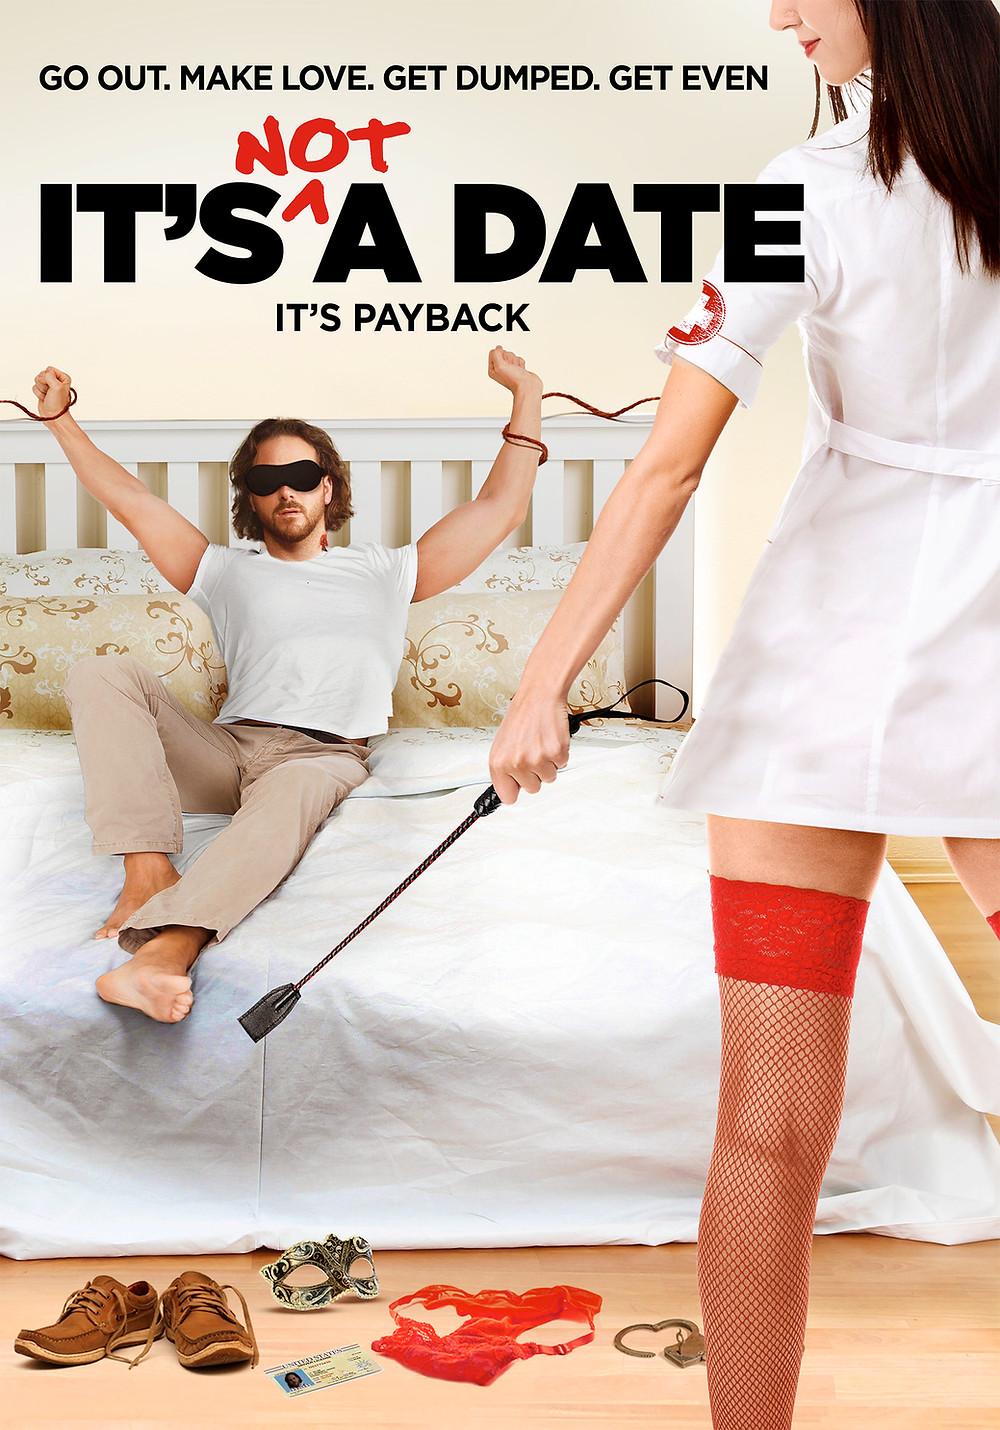 ITS_NOT_A_DATE_ONE_SHEET_V0a.jpg